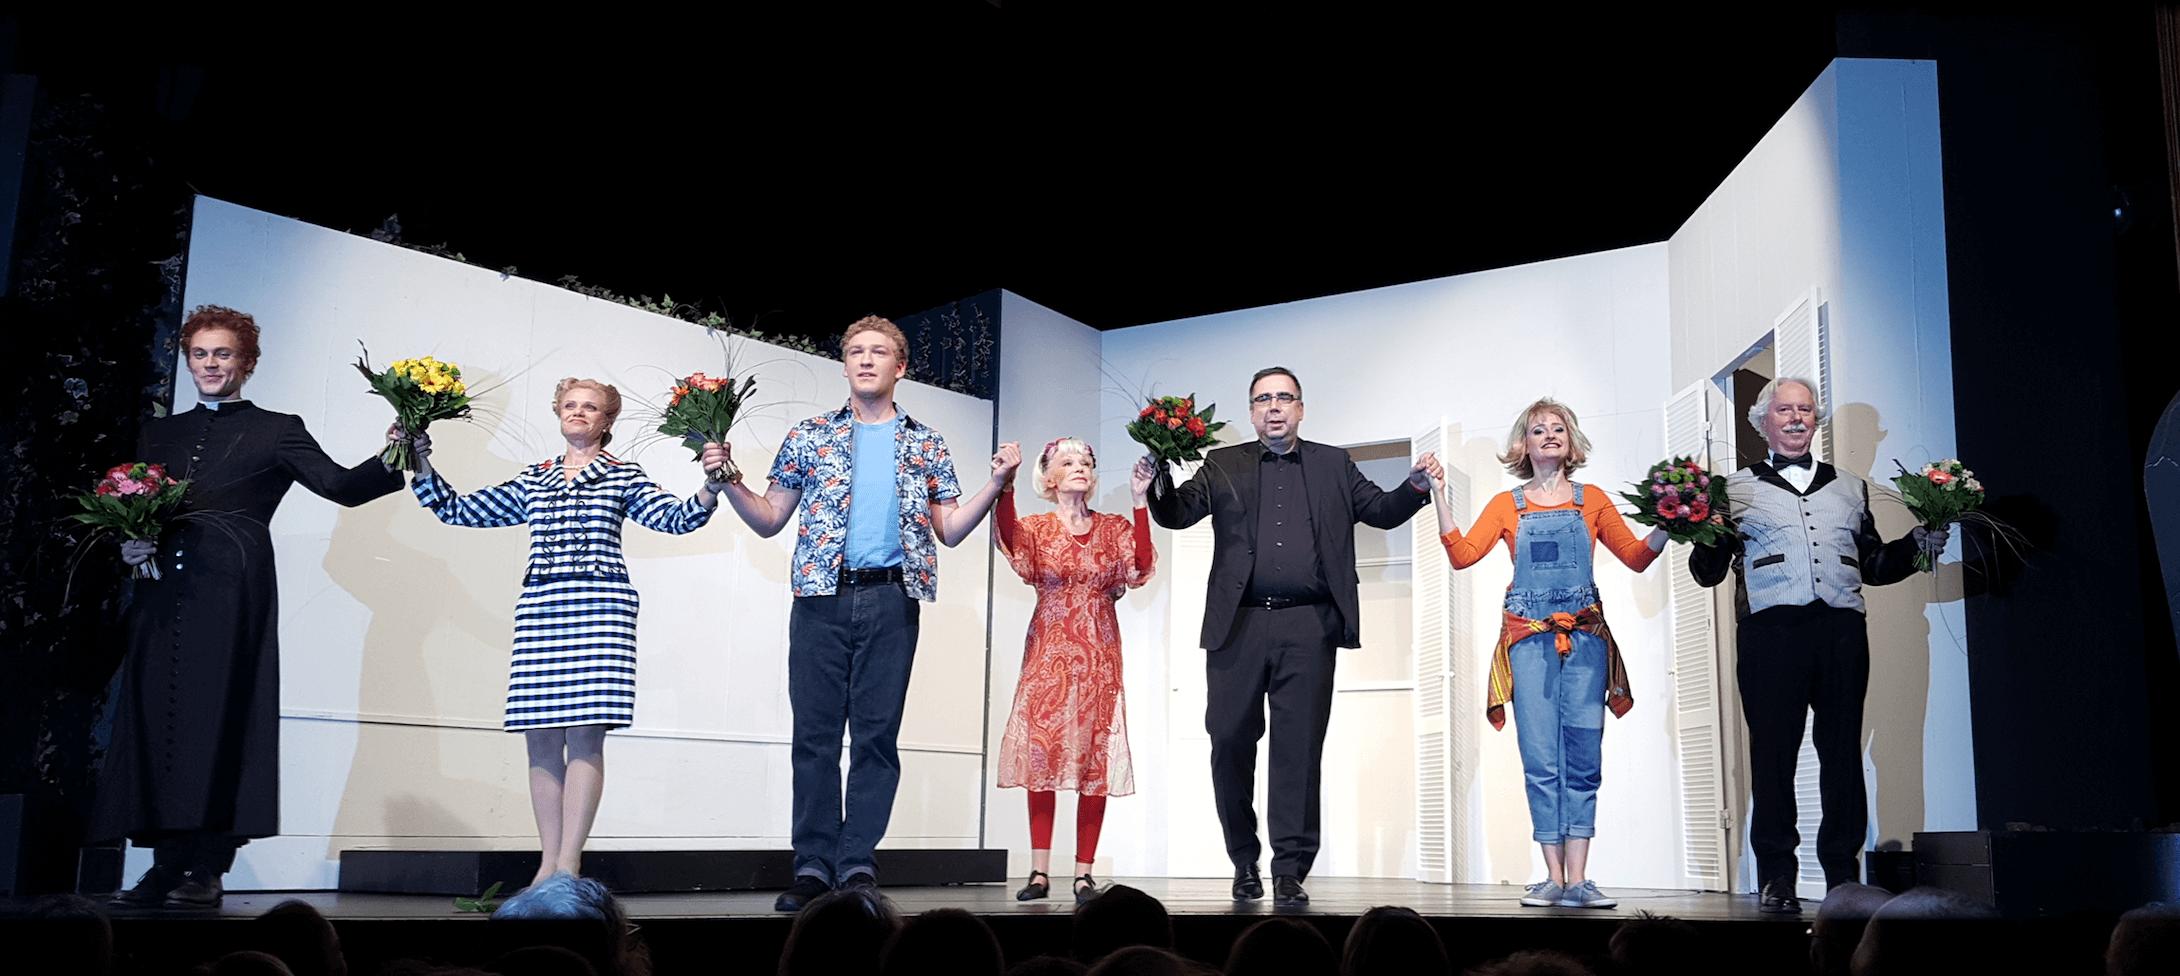 harold_und_maude_premiere_schlosspark_theater